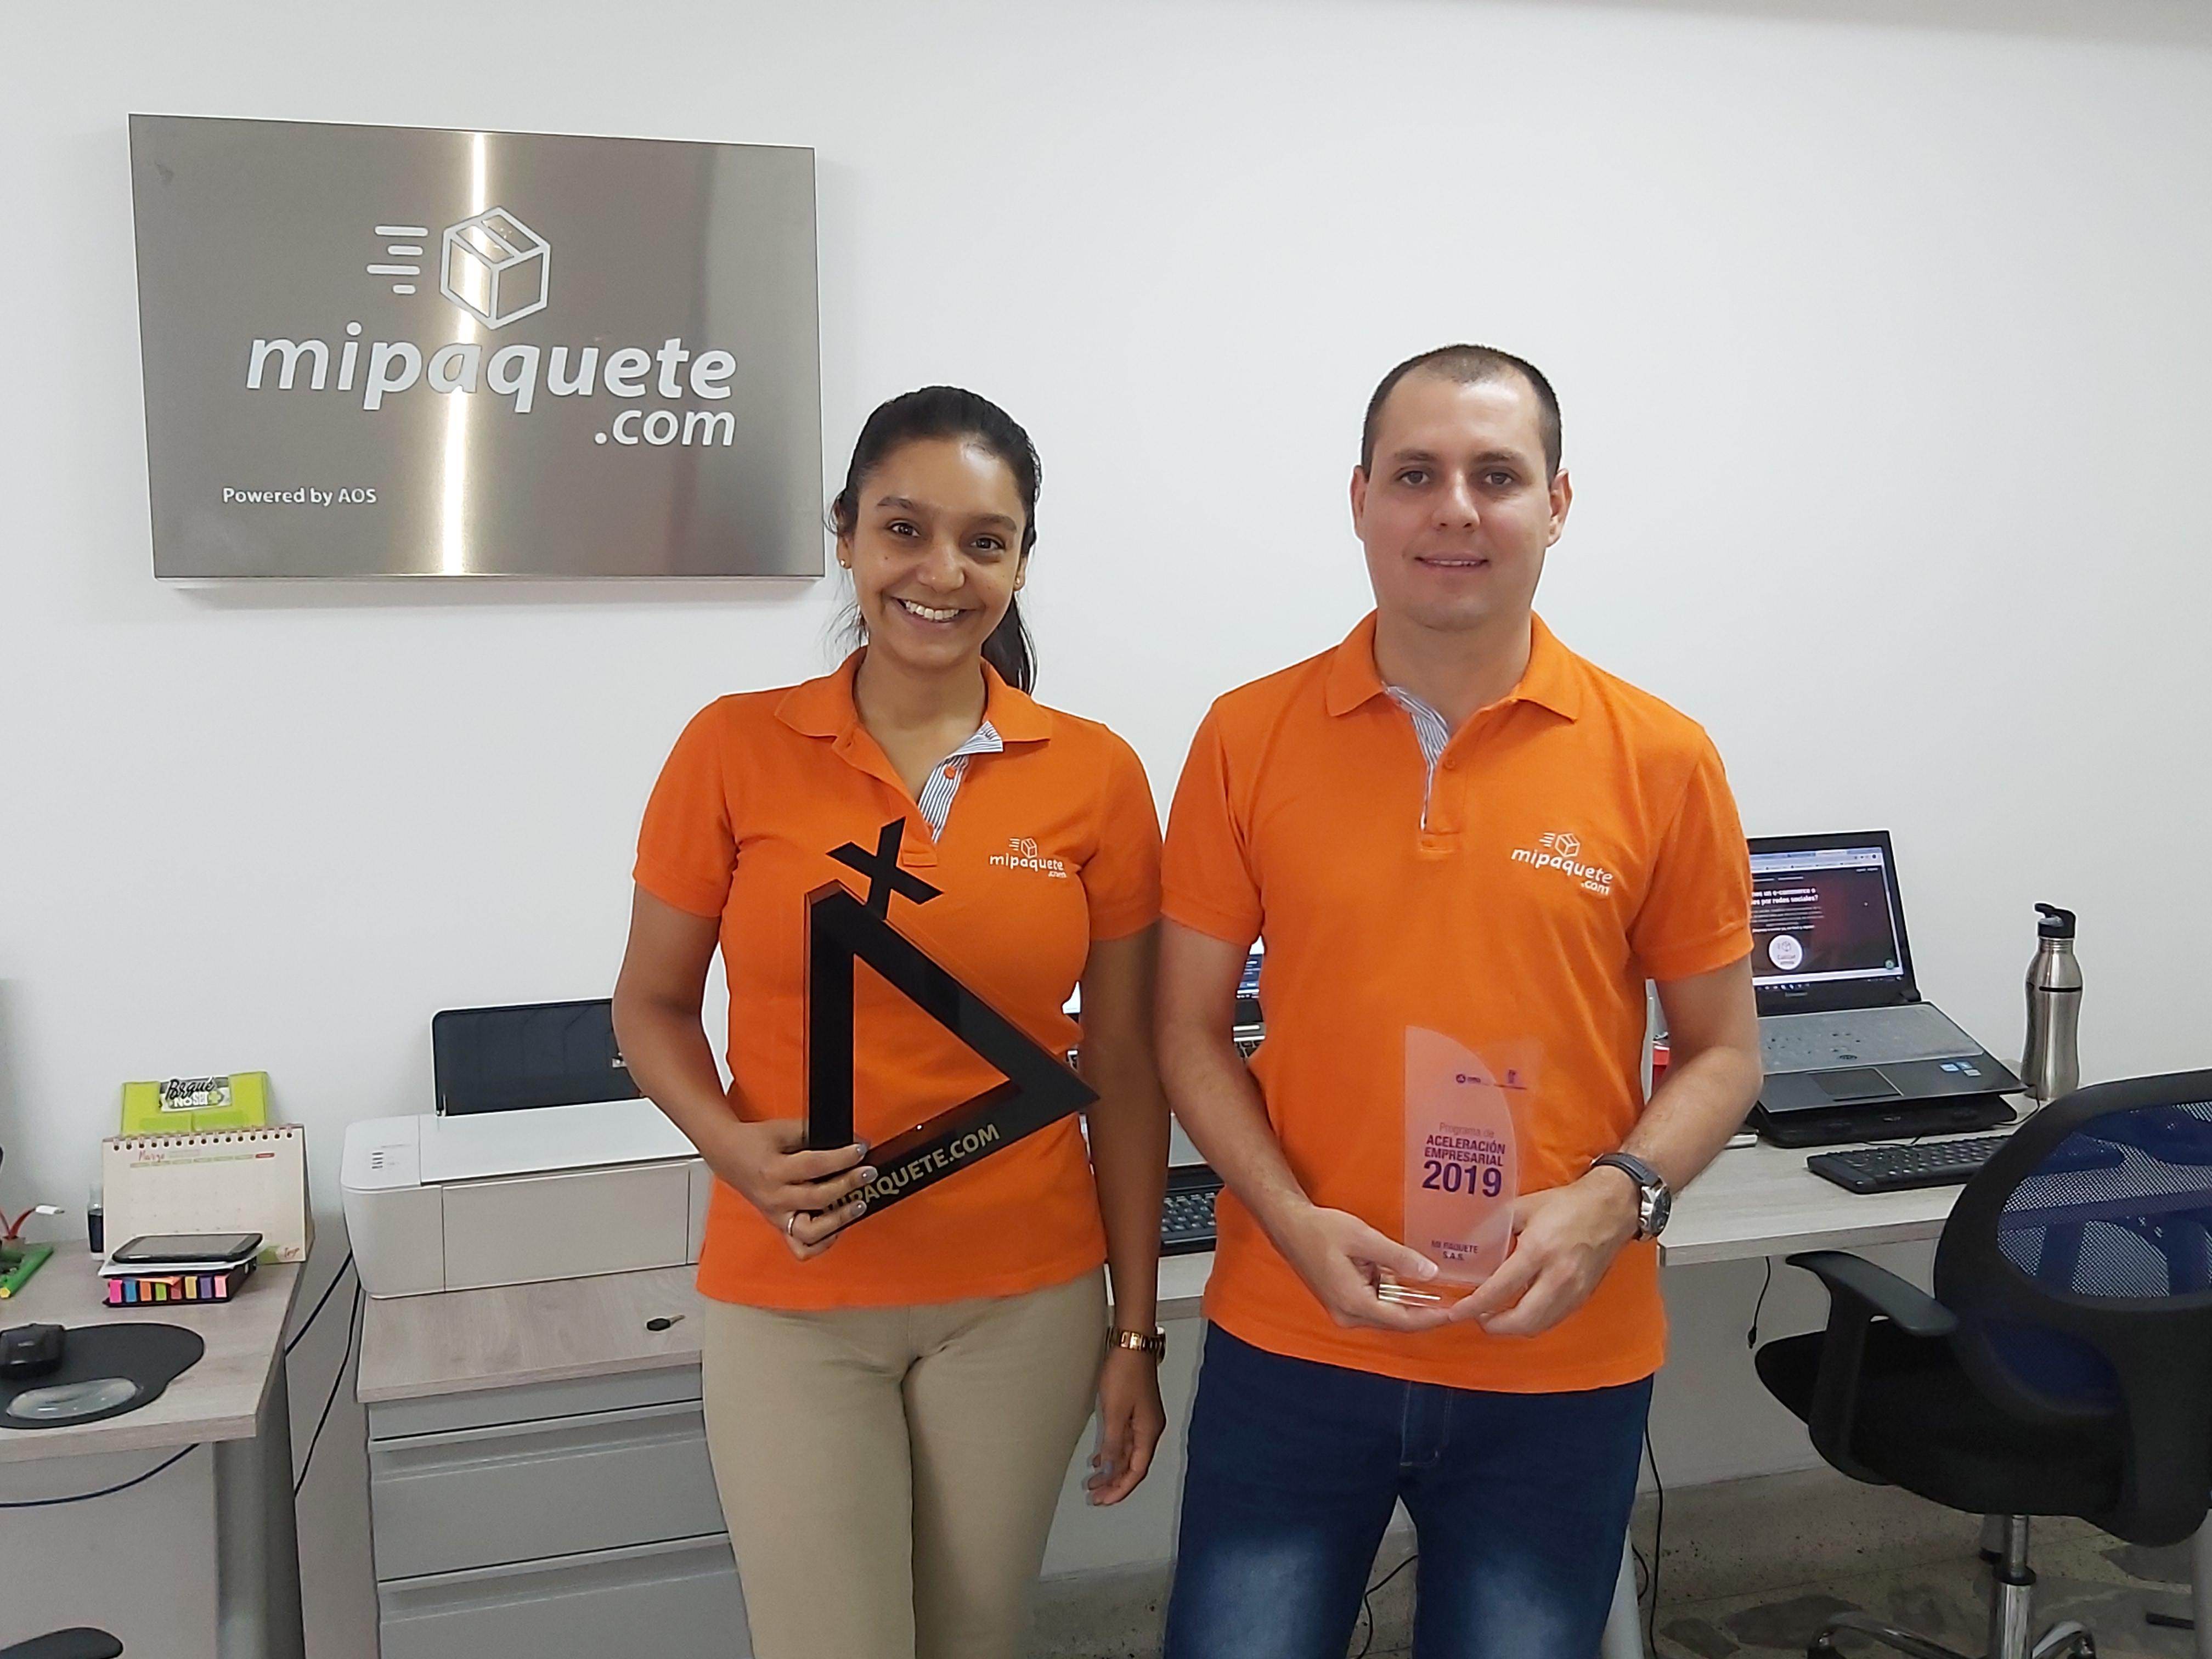 Los emprendedores como Carolina Ruiz y Sergio Vargas, fundadores de mipaquete.com, han sido reconocidos por organizaciones públicas y privadas del ecosistema de emprendimiento colombiano.